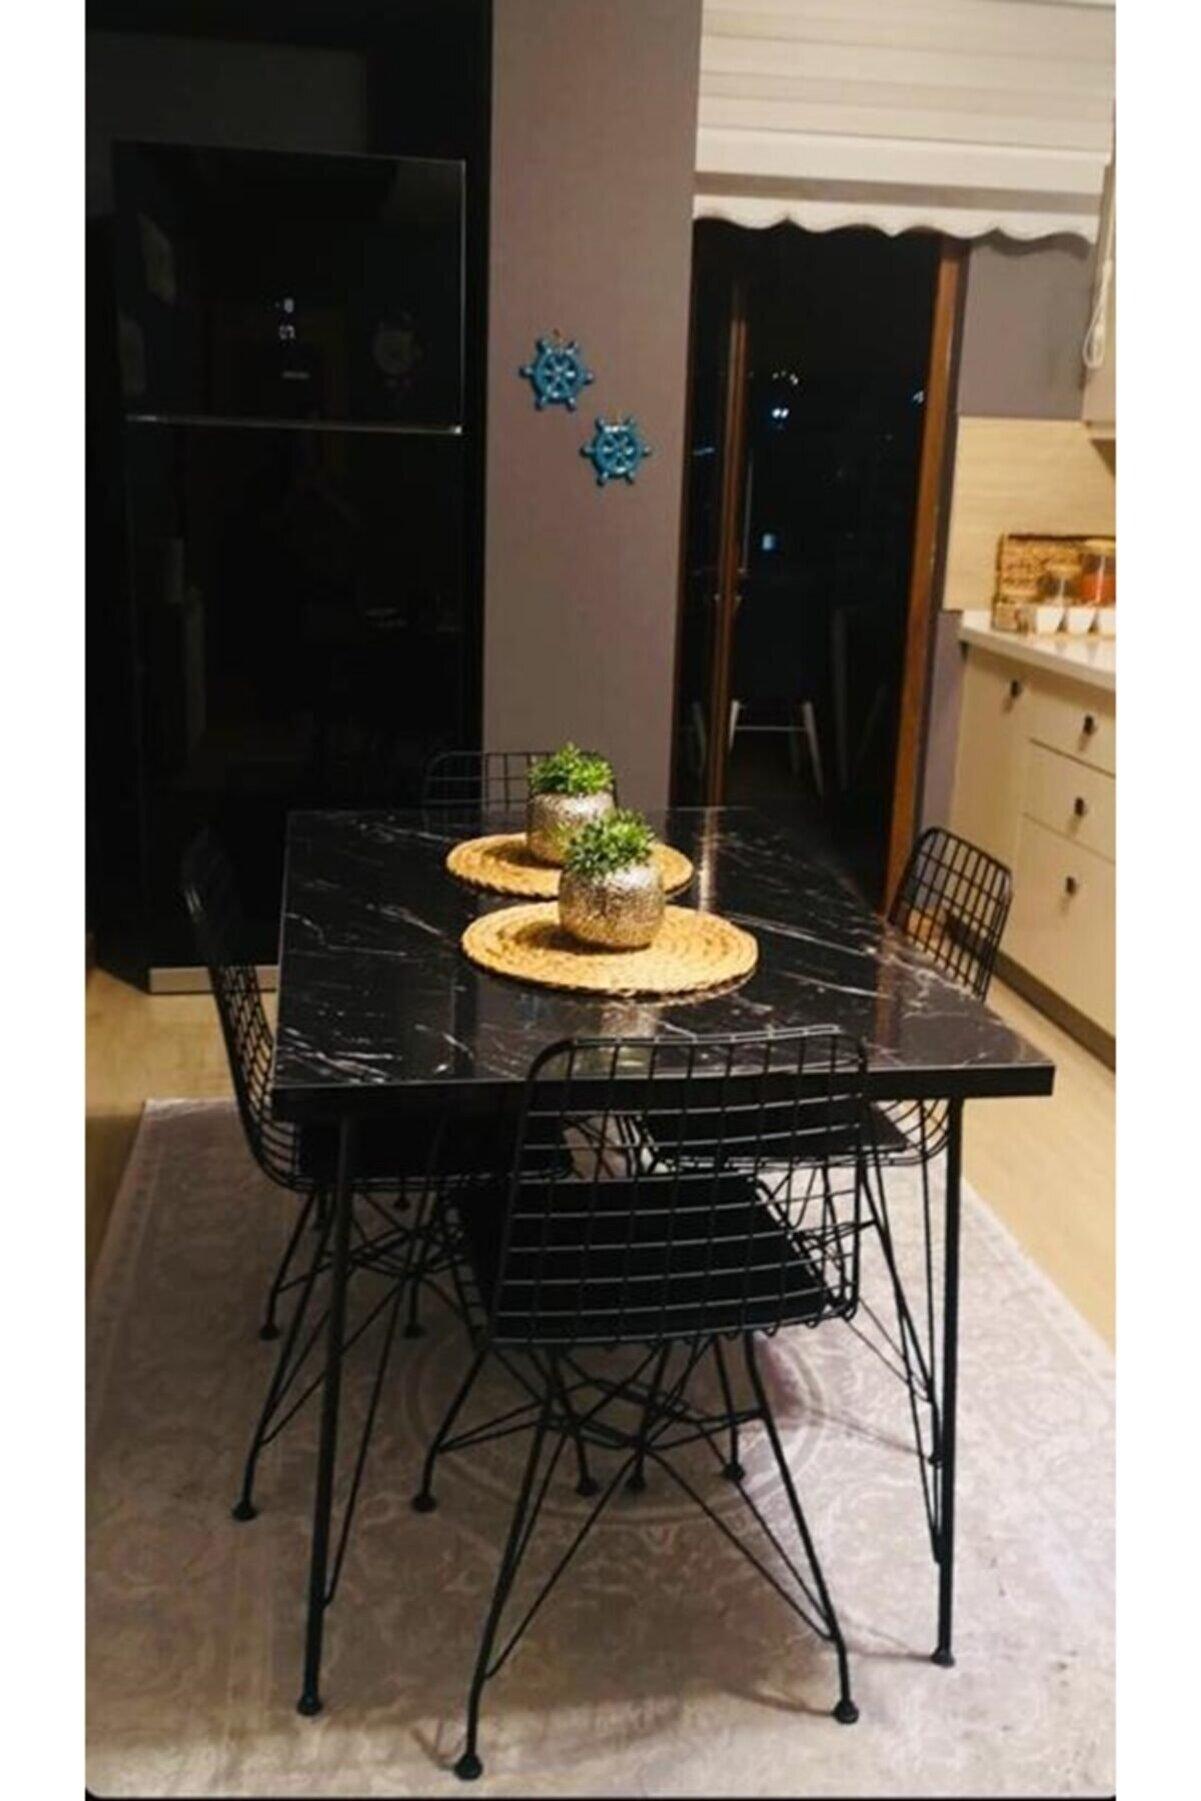 Avvio Defne 4 Kişilik 80x120 Yemek Masası Takımı-mutfak Masası Takımı-siyah Mermer Desenli